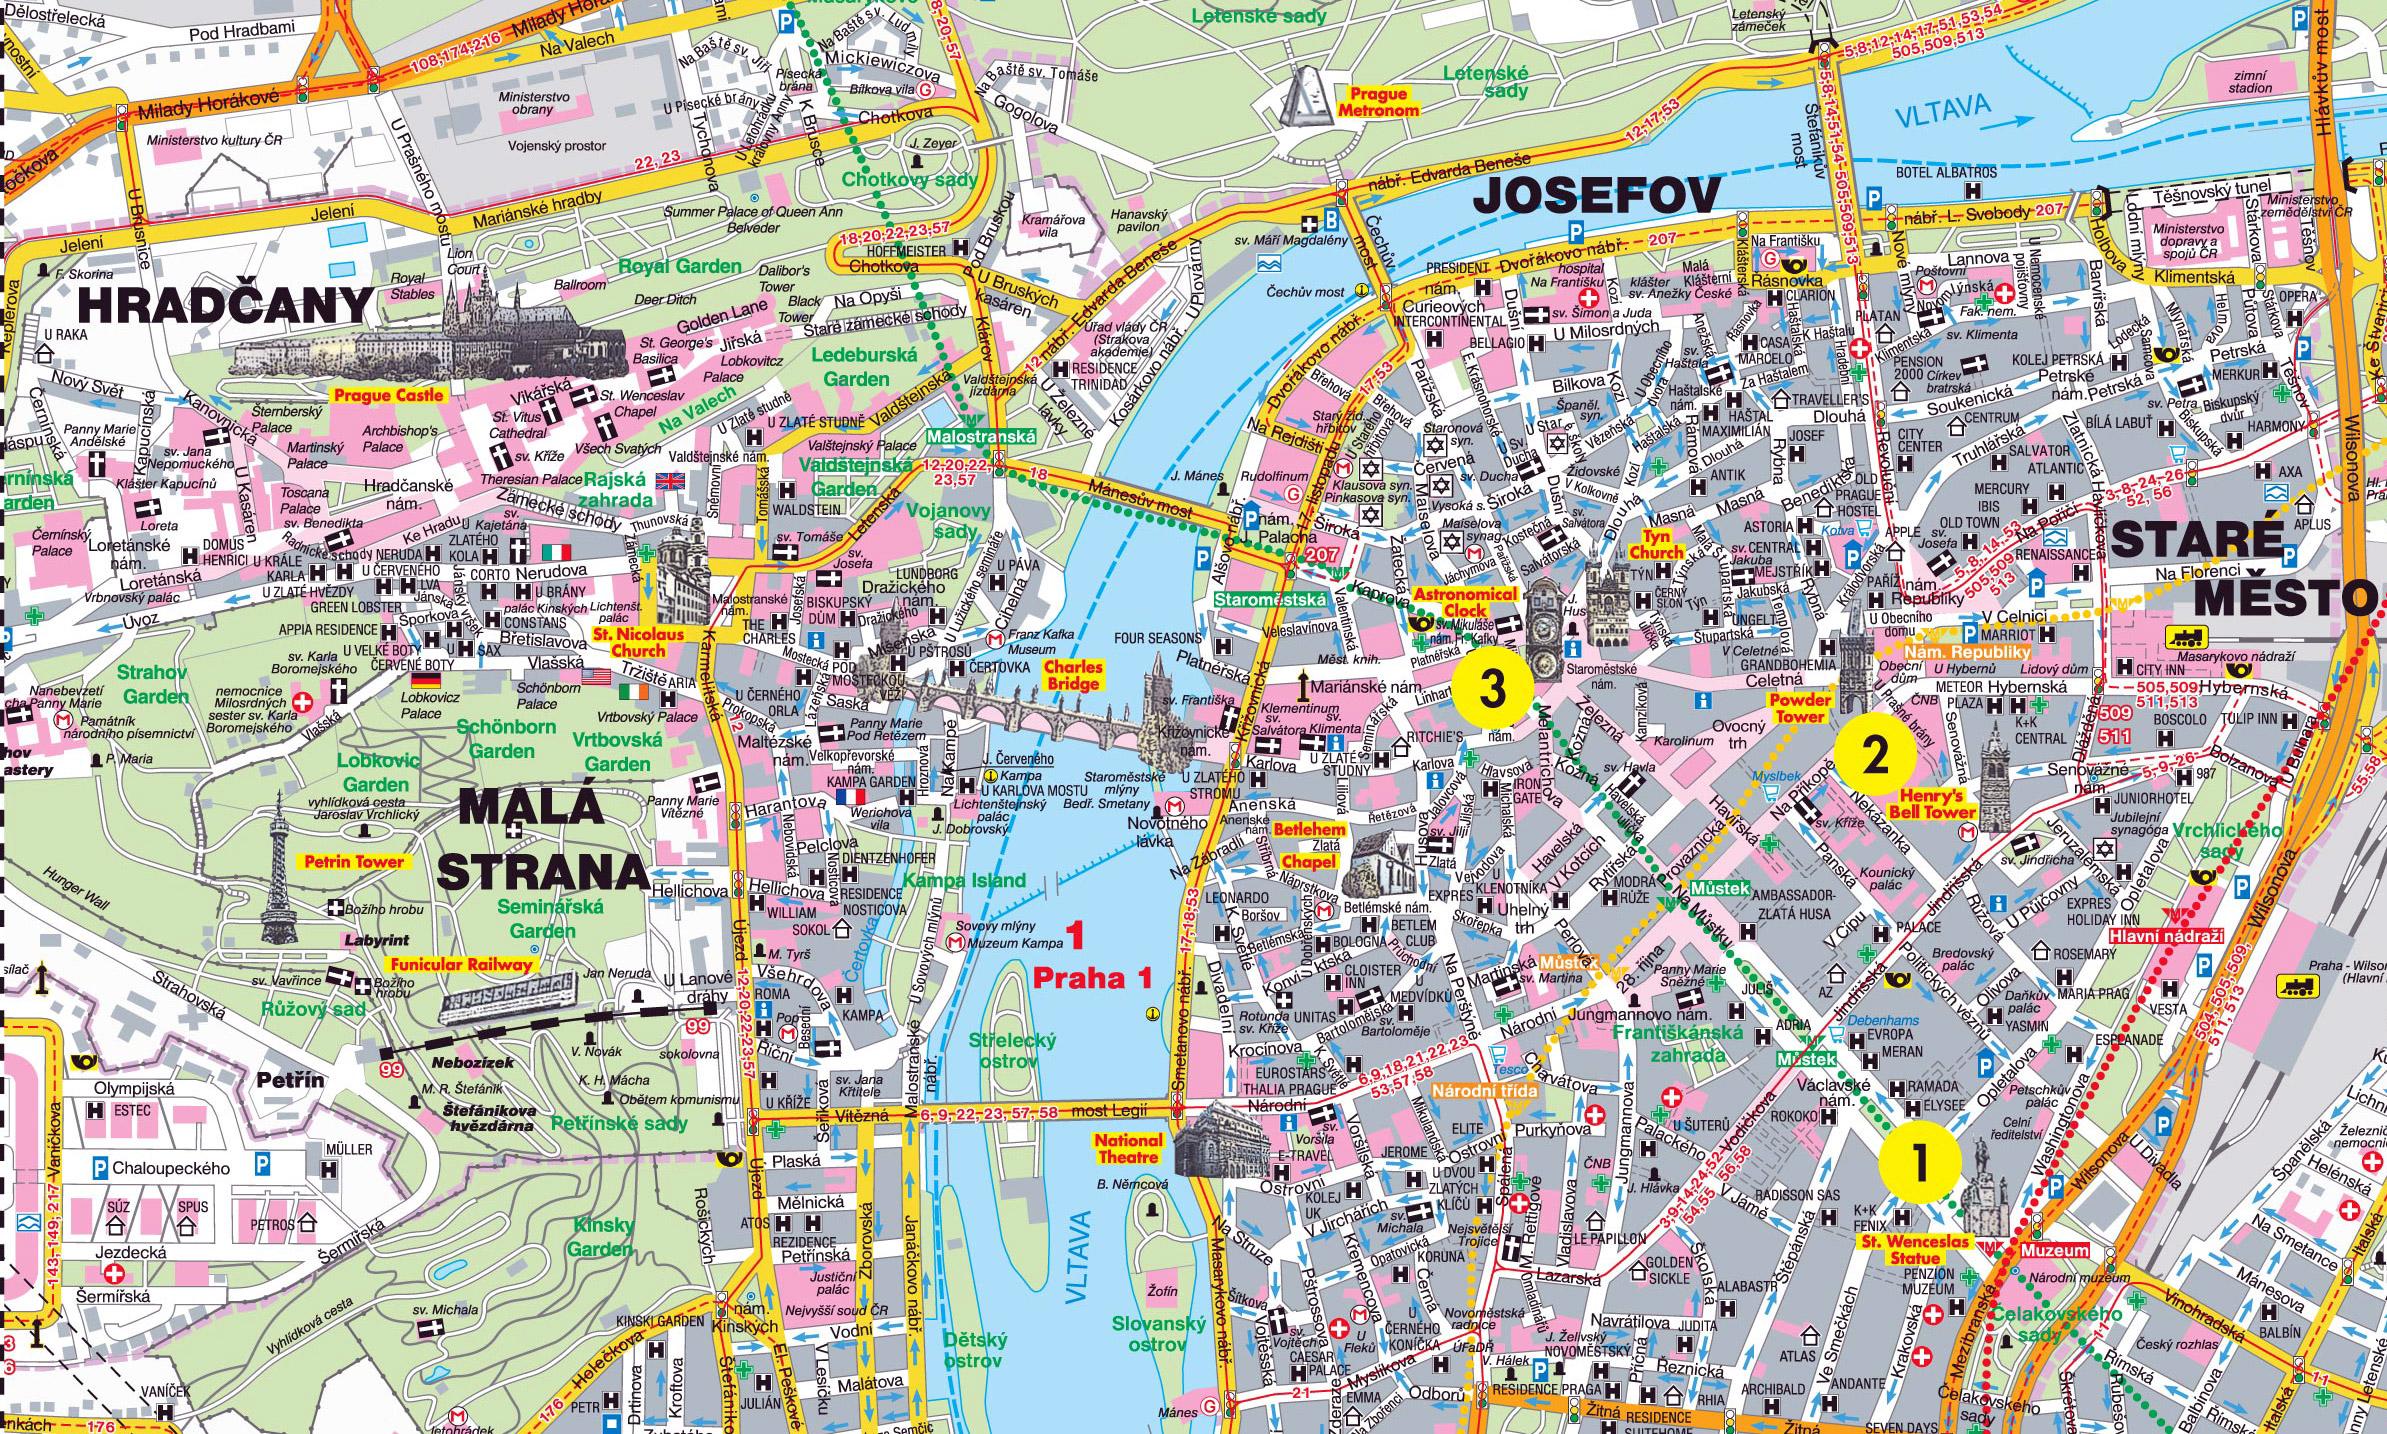 Сккчать карту Праги в формате PDF